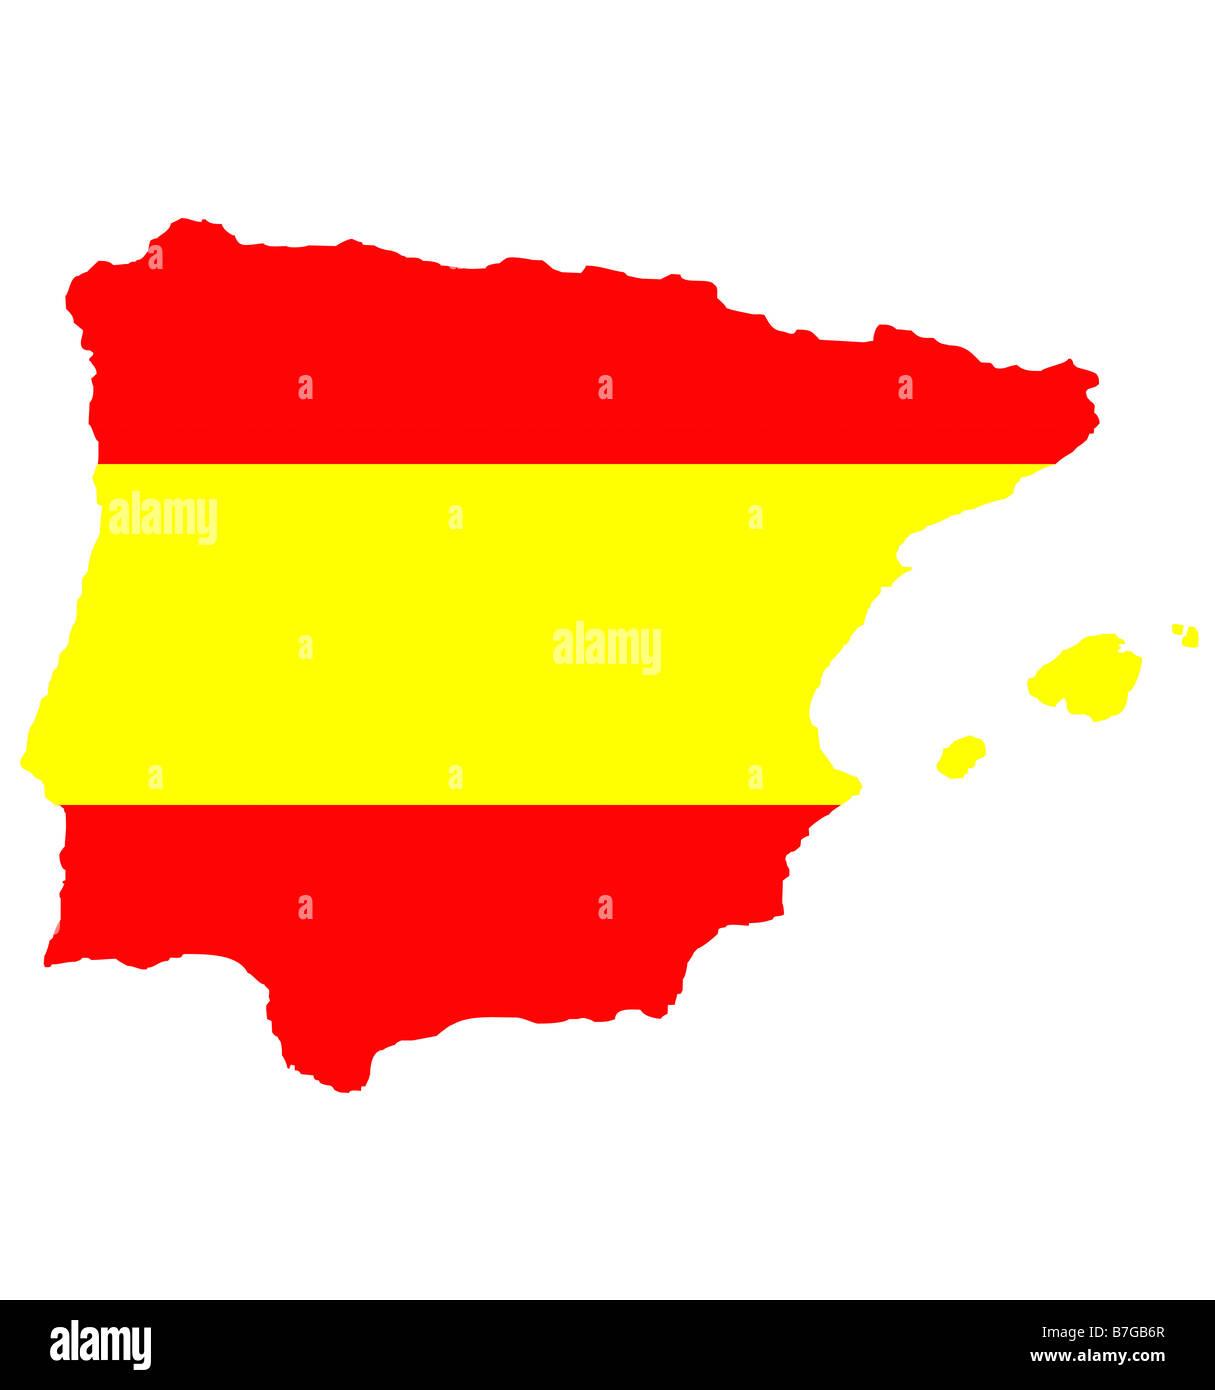 Spagna E Isole Baleari Cartina.Mappa Di Contorno Di Spagna E Isole Baleari Isolato In Colori Della Bandiera Foto Stock Alamy